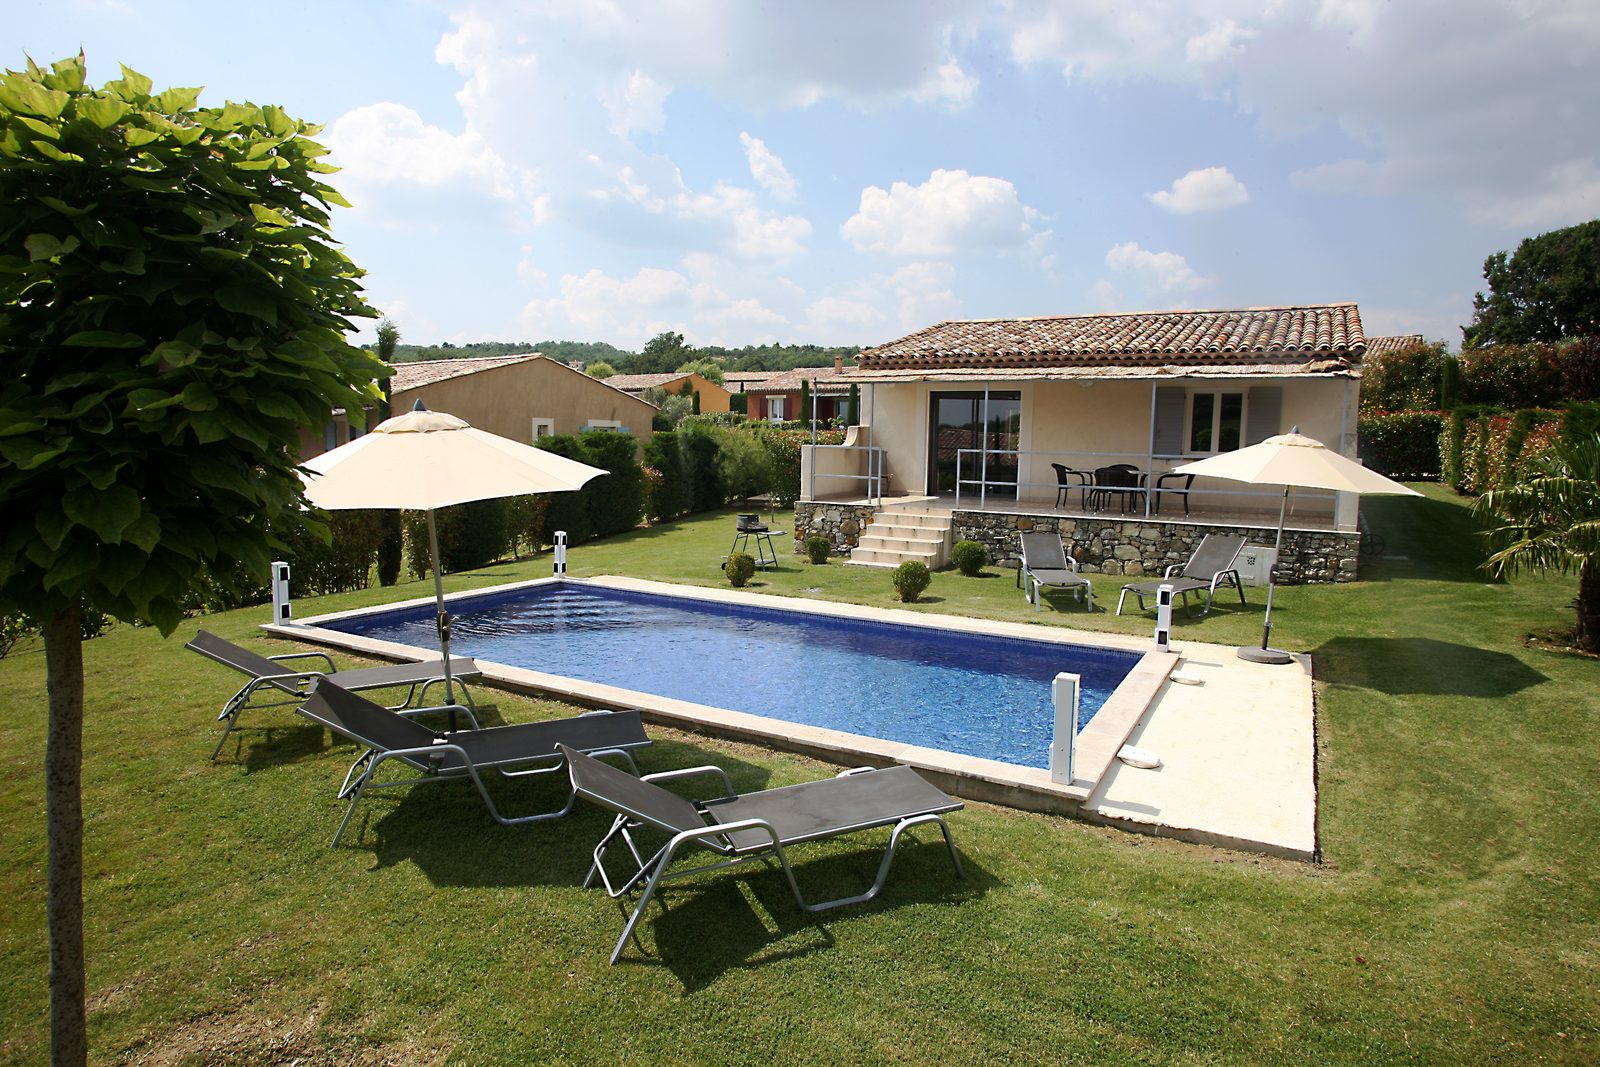 Park Beaudine, vakantievilla's met privézwembad in de Provence